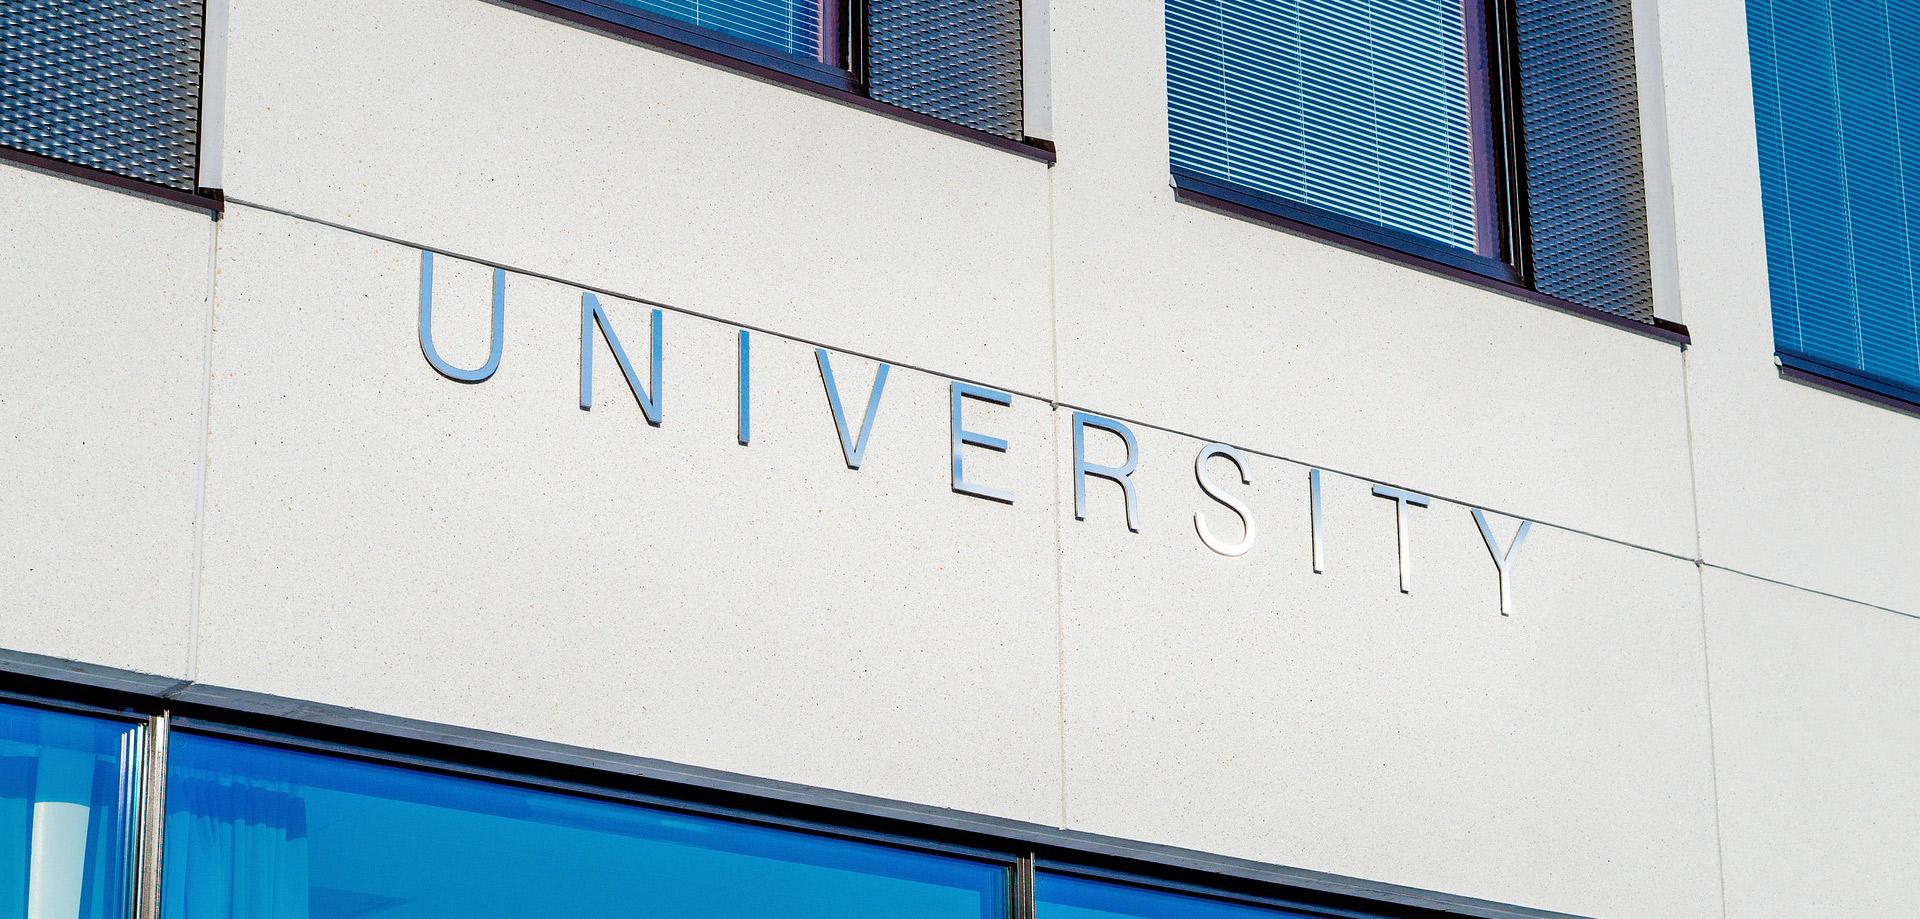 Texaská univerzita spúšťa program kyberbezpečnosti v zdravotníctve